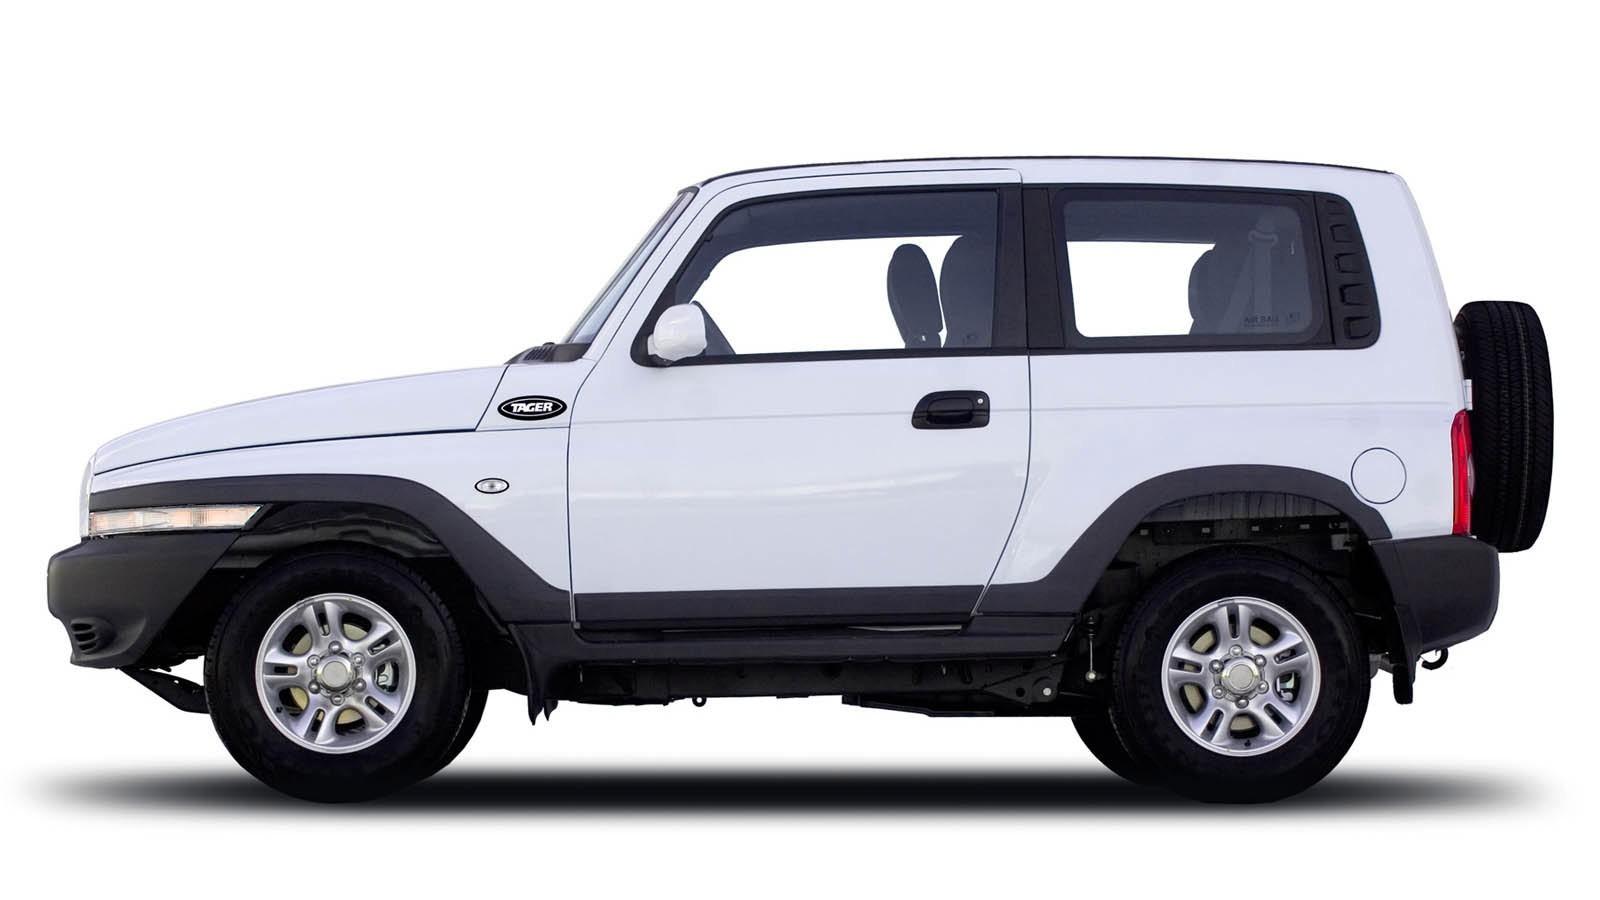 Автомобиль ТагАЗ Тинго: Фото #07 из 15, размер изображения - 550 ... | 900x1600